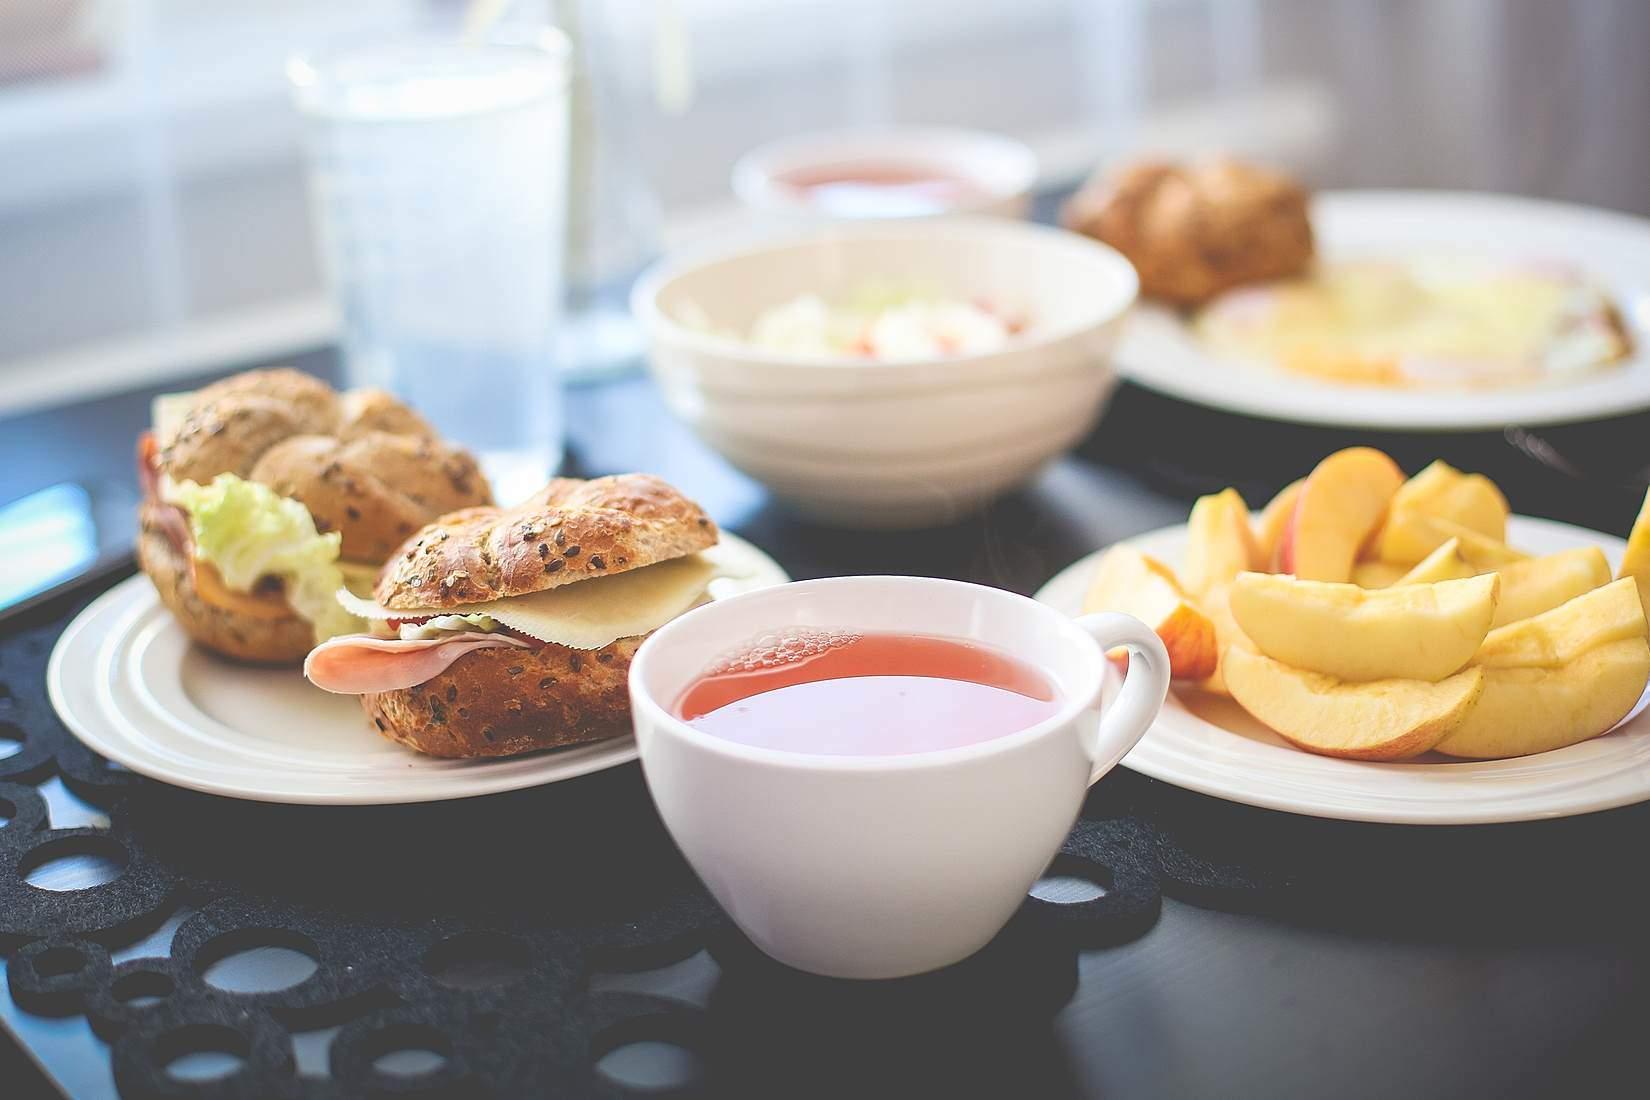 Diäten Frühstück Mittag- und Abendessen, um Gewicht zu verlieren